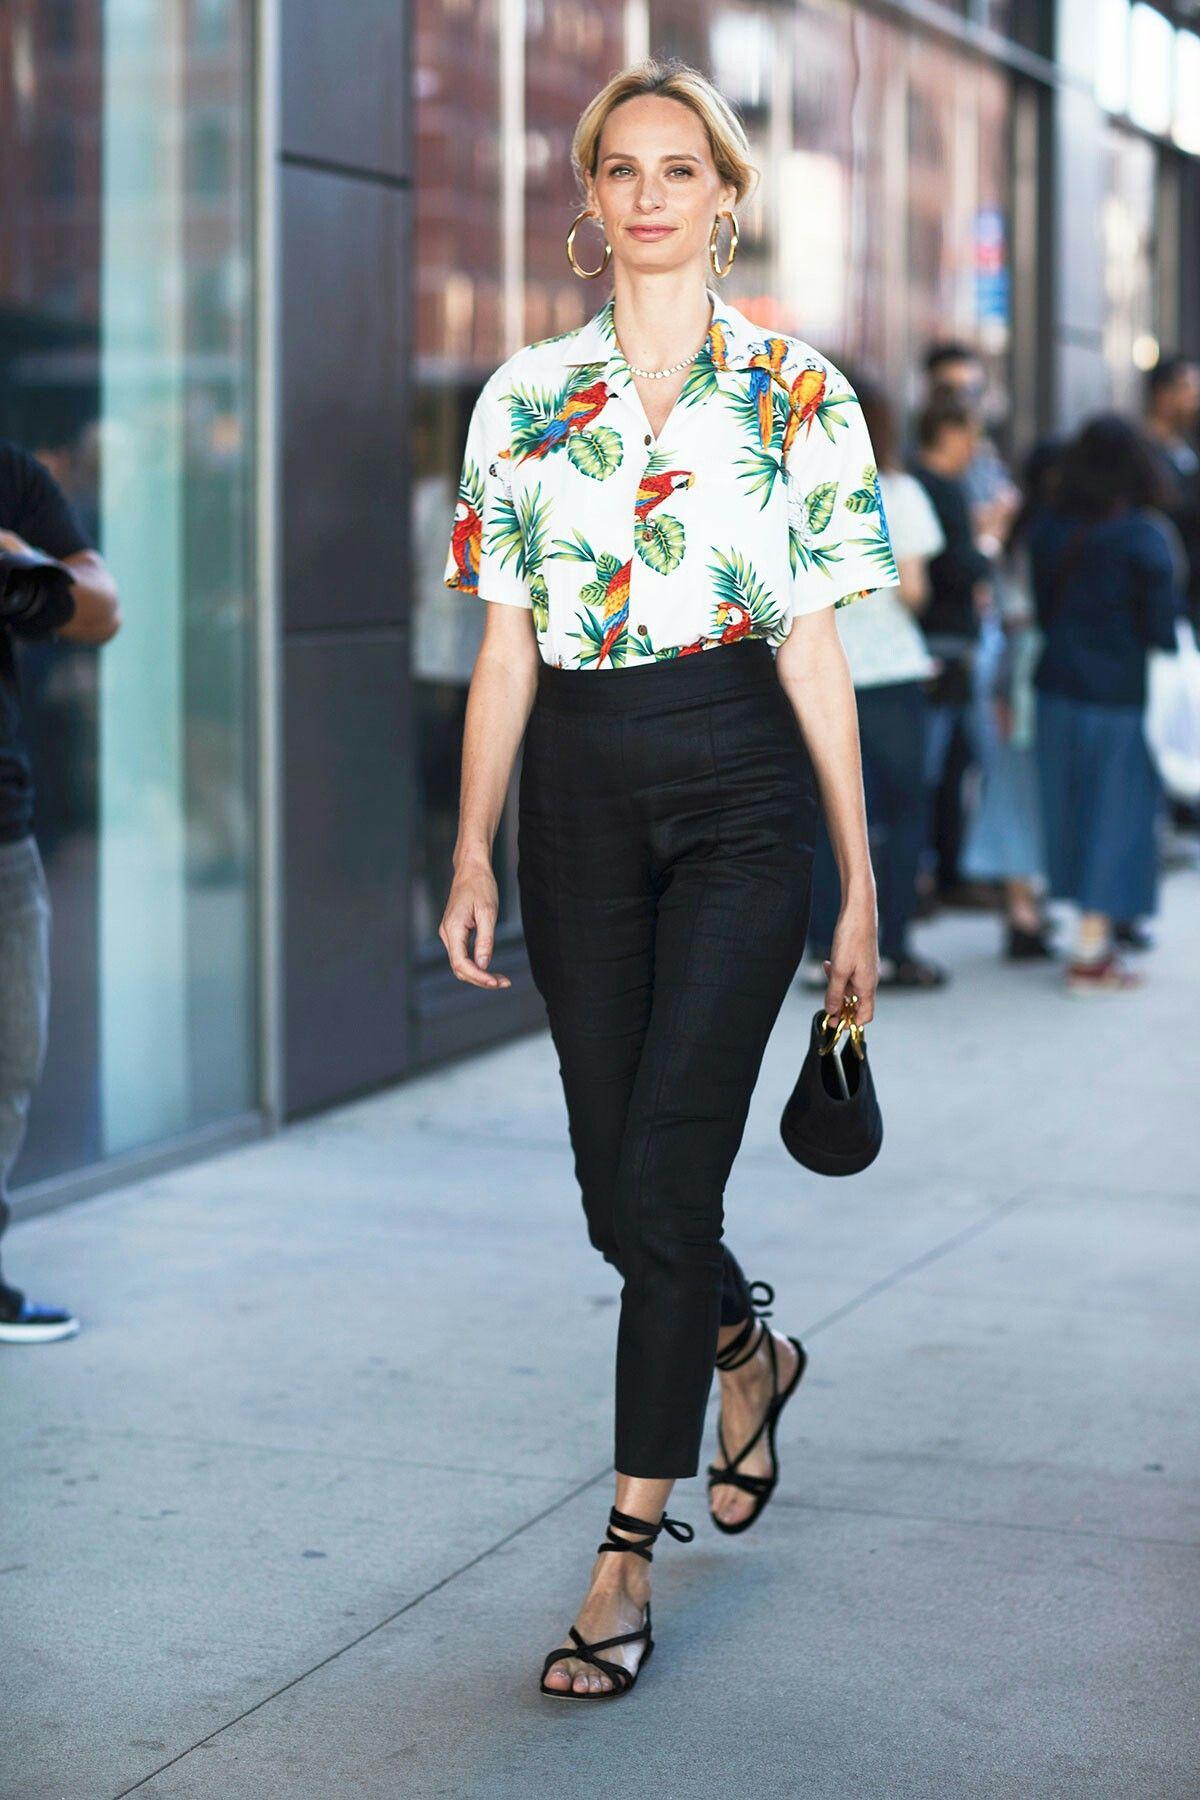 fashionista mặc áo sơmi họa tiết nhiệt đới quần âu đen sandal túi xách mini